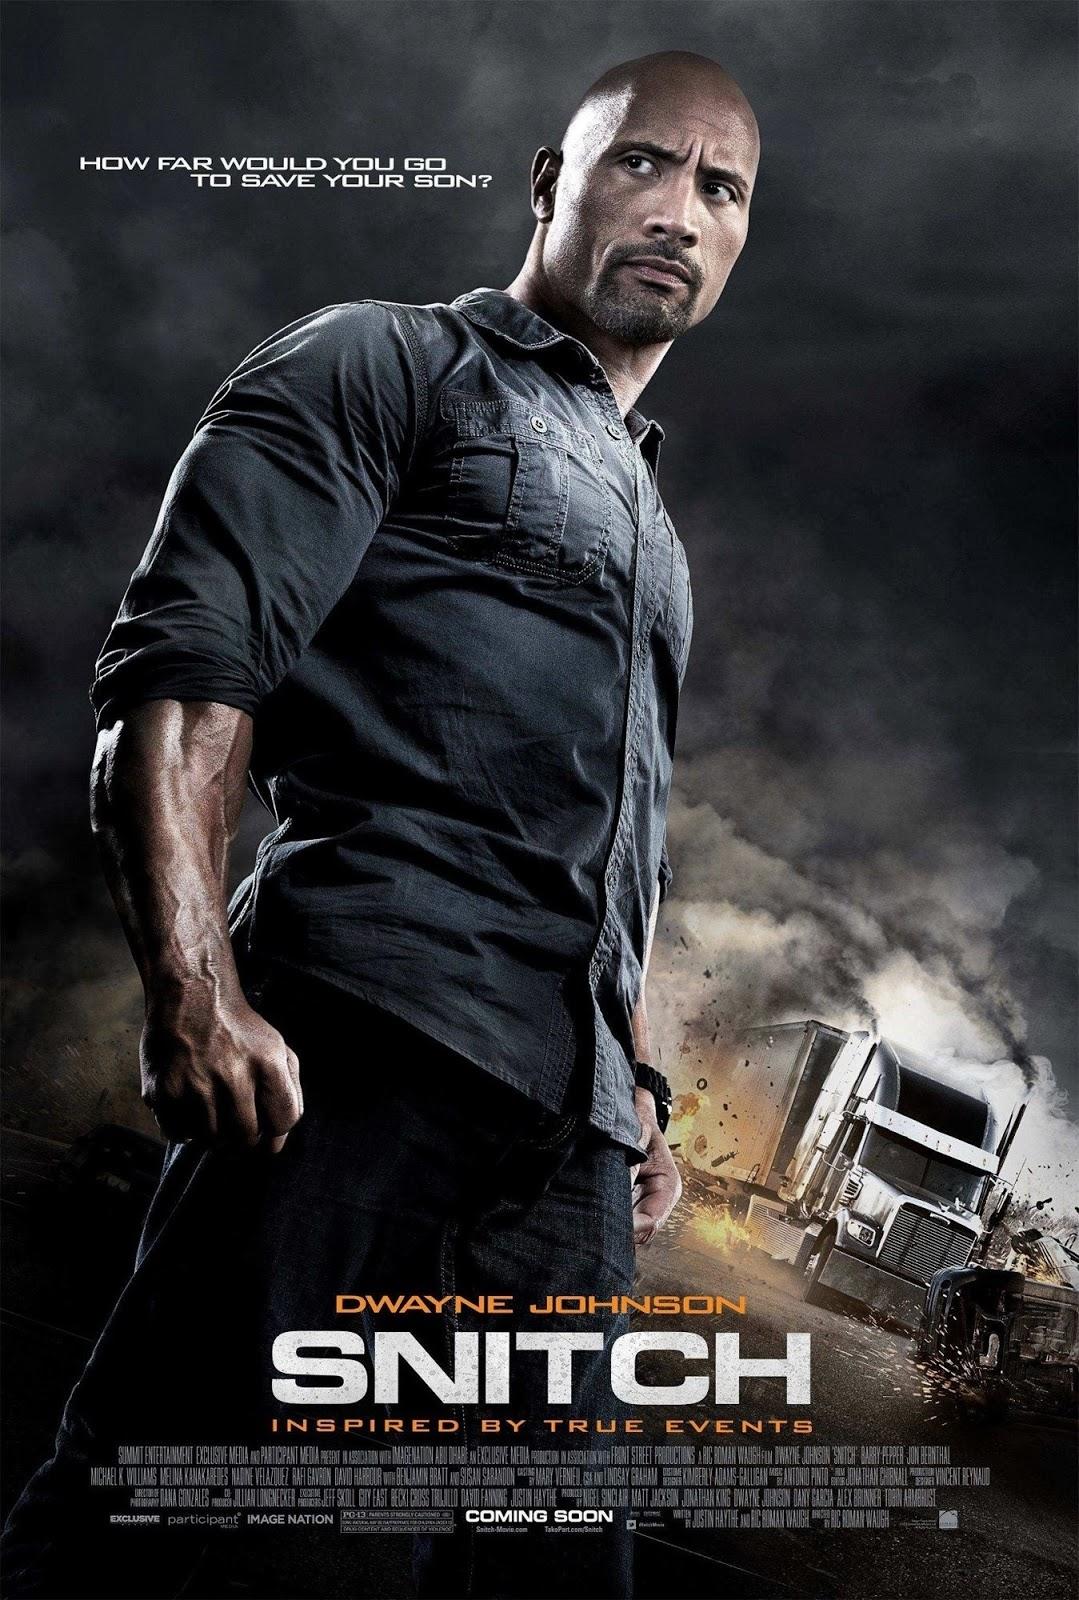 http://4.bp.blogspot.com/-PhazjhNyG6o/USZJKJTvhcI/AAAAAAAAPf4/DaEq8xj_F0k/s1600/snitch-poster01.jpg